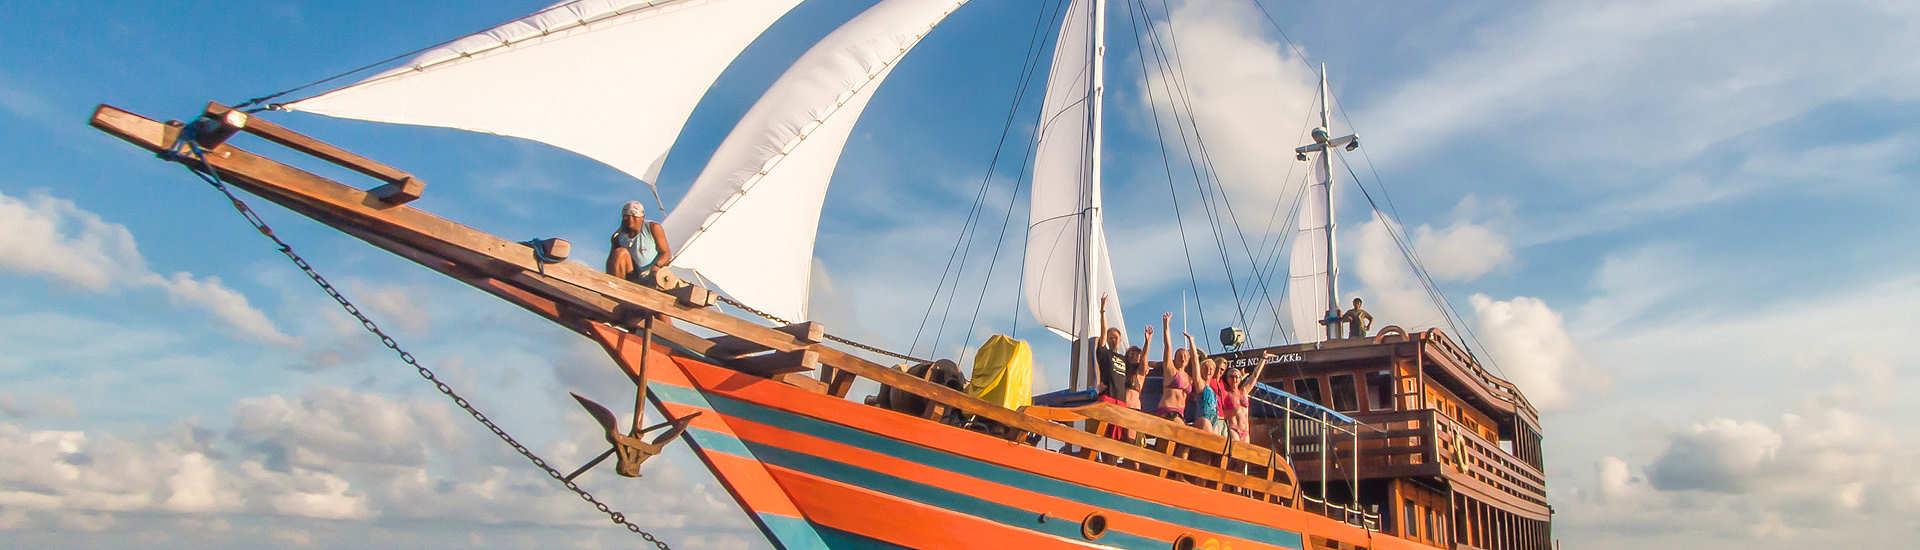 KLM Sunshine – Tauchsafaris Halmahera, Sangihe, Lembeh & Bunaken